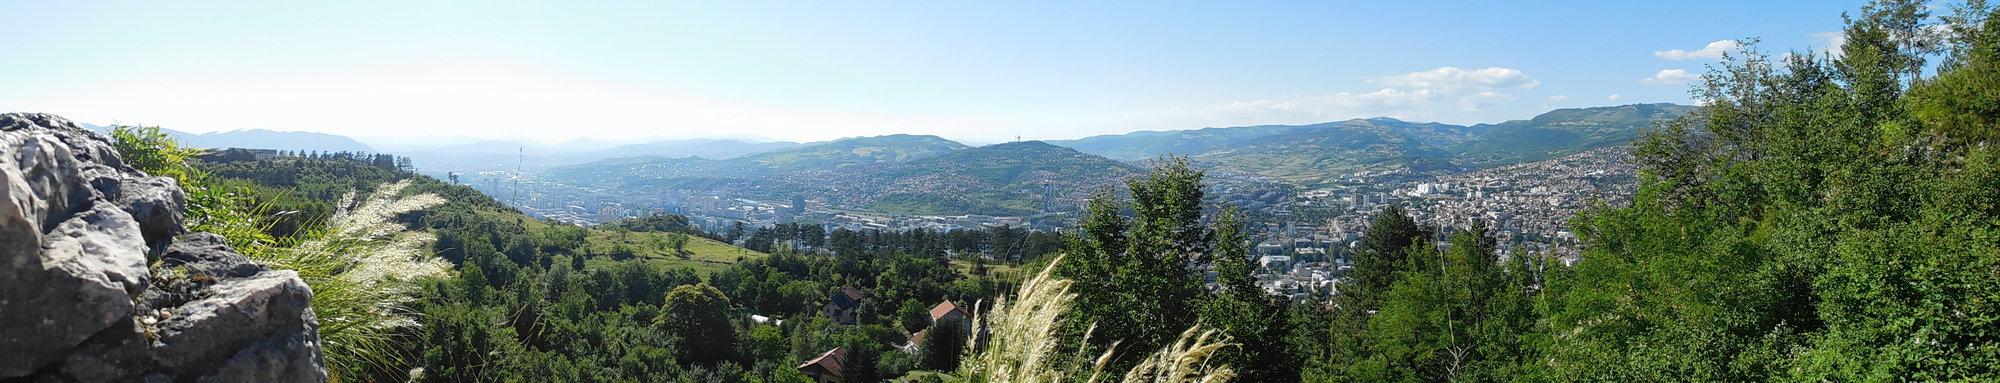 pohled z okolních hor